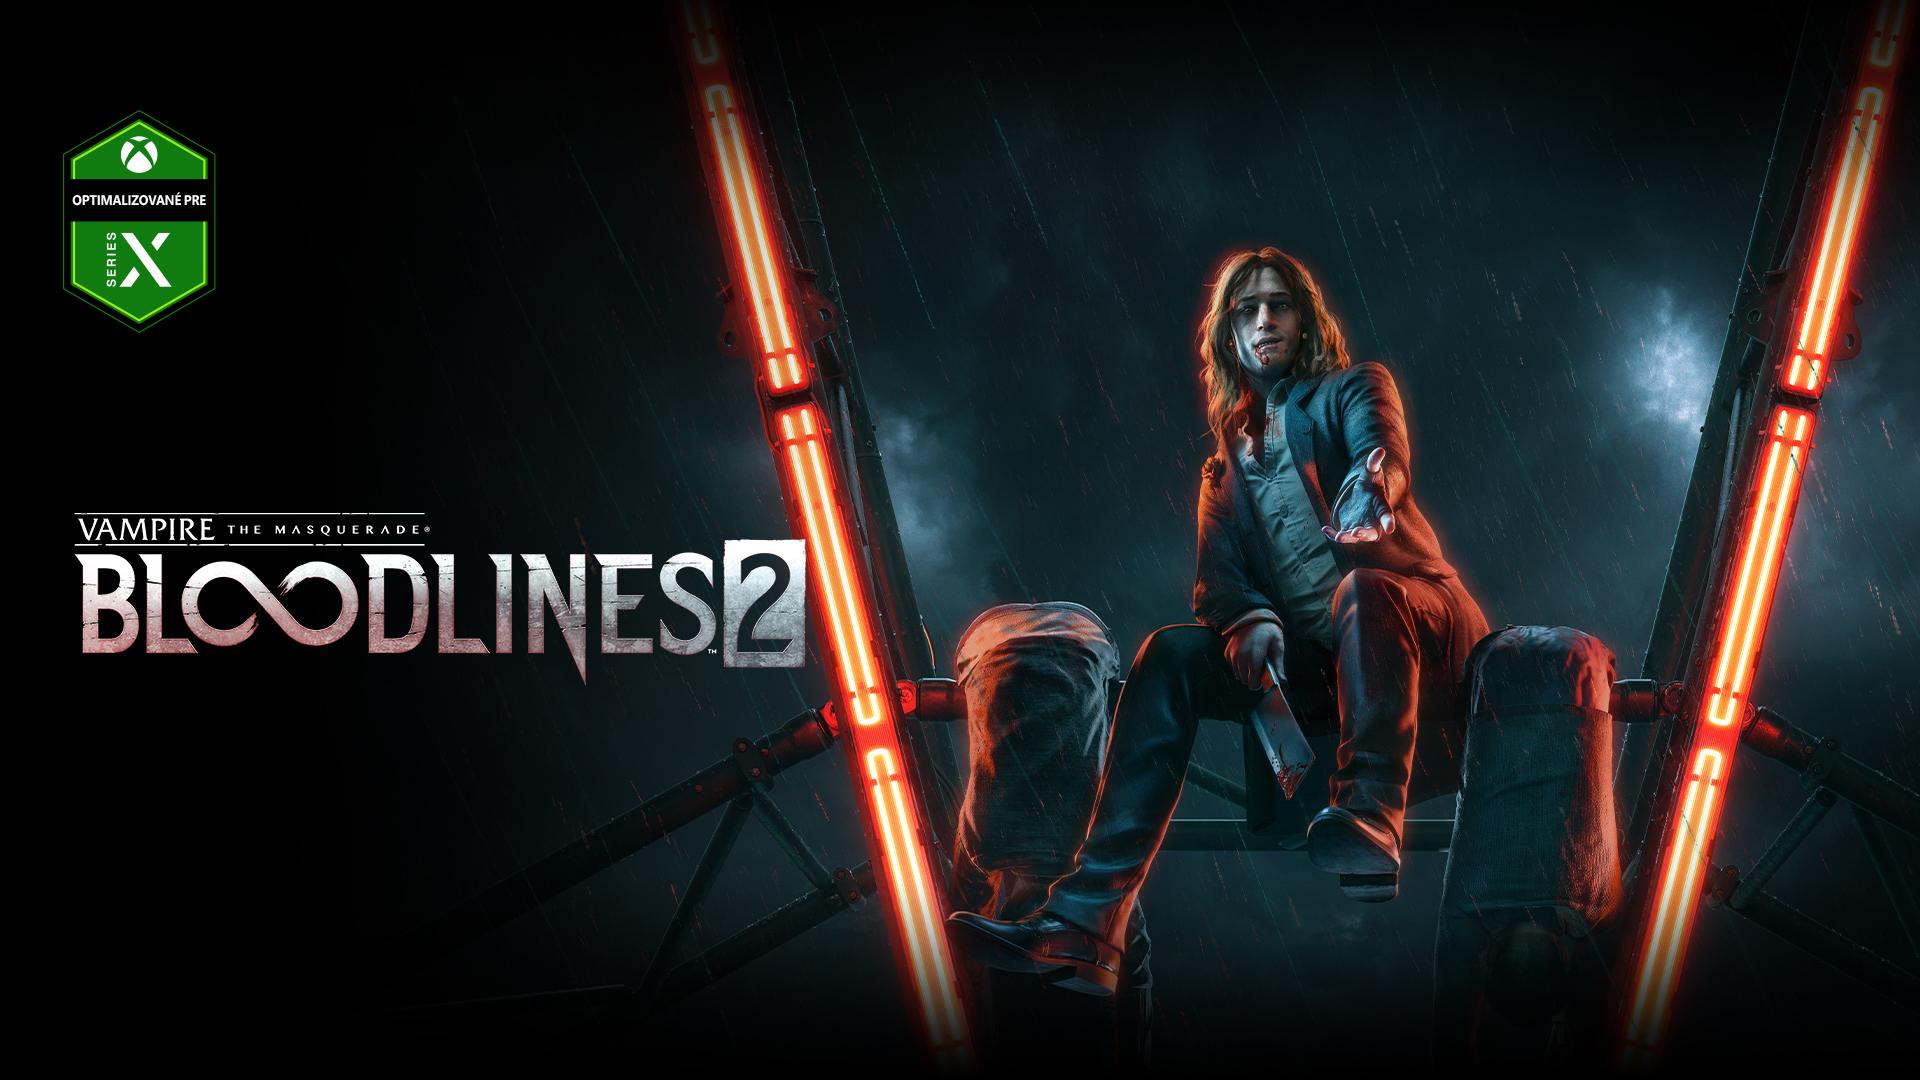 Vampire the Masquerade Bloodlines 2, Upír sa usmieva a oddychuje na priečke ruského kolesa.